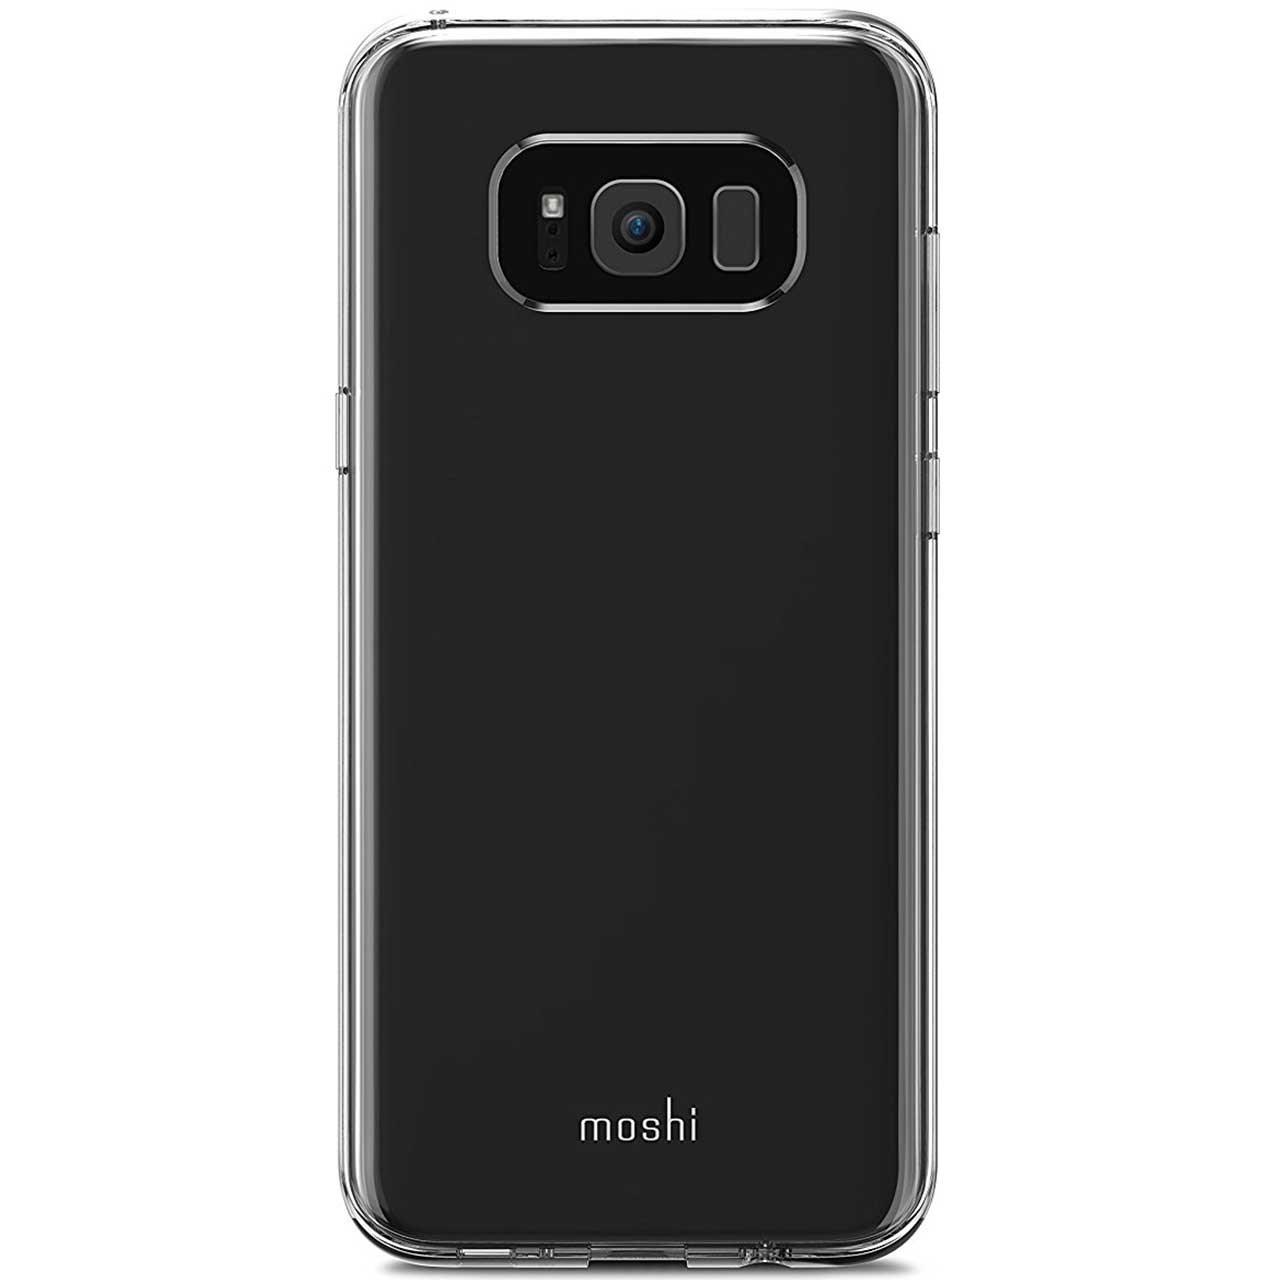 کاور موشی مدل Vitros Clear مناسب برای گوشی موبایل سامسونگ Galaxy S8 Plus